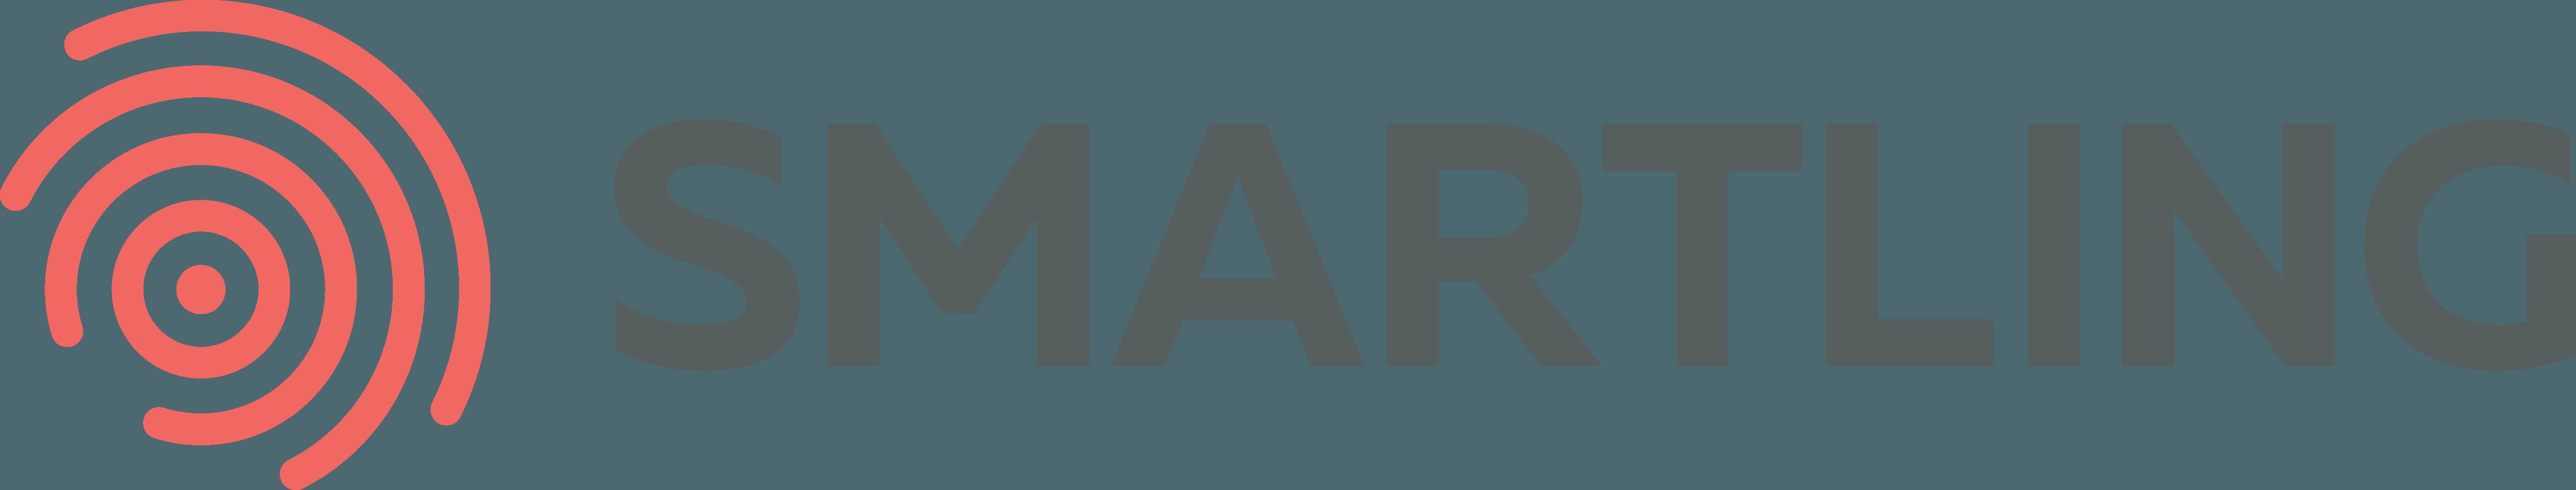 Smartling Logo png